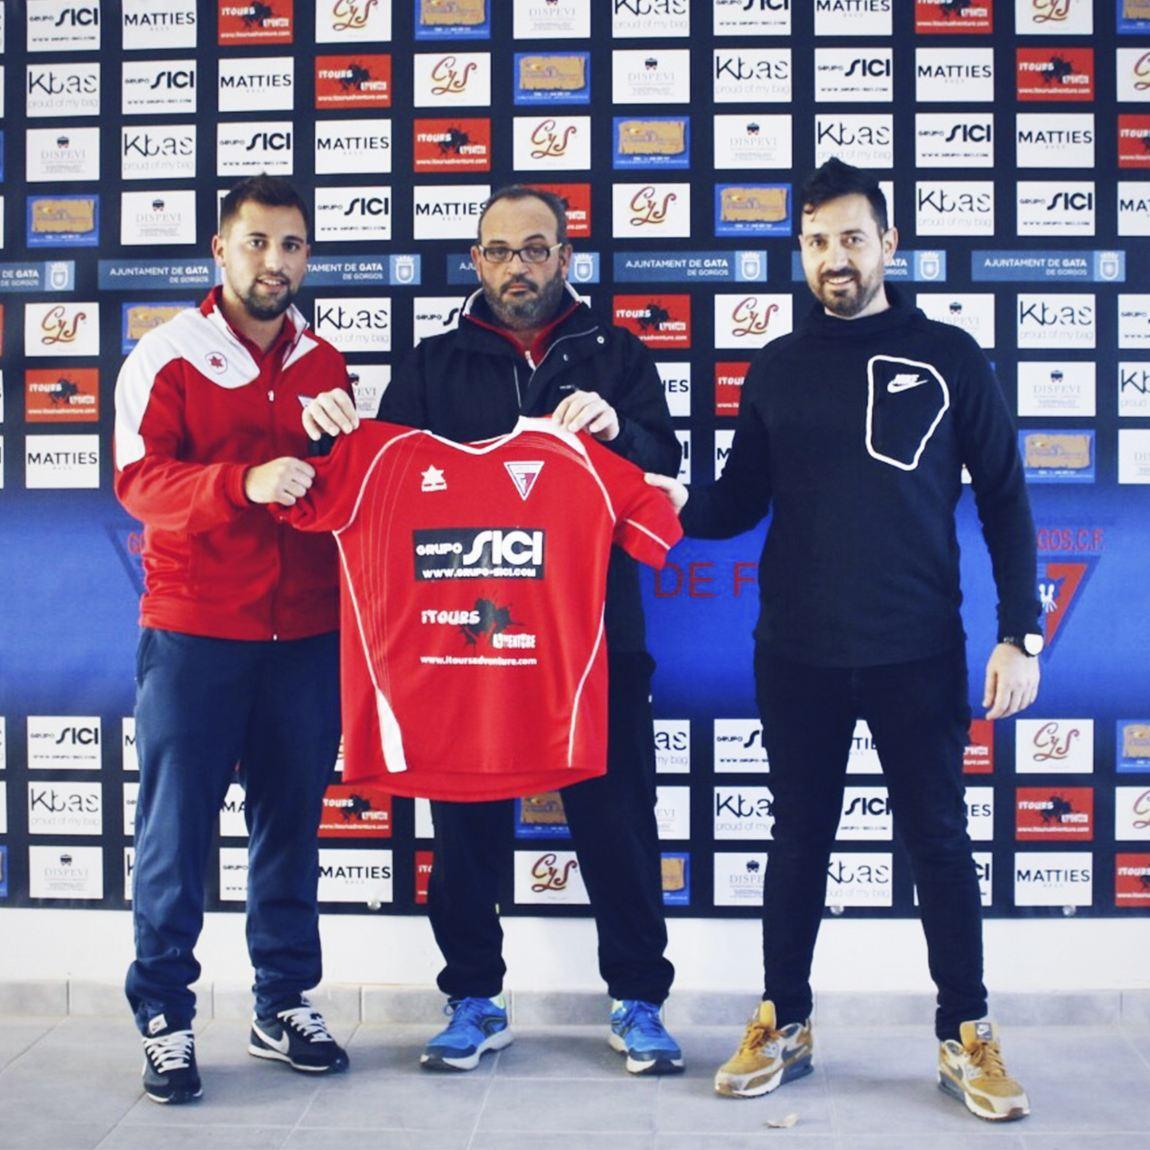 Grupo Sici junto a Itours Adventure los nuevos patrocinadores del Gorgos C.F. para la temporada 2018-2019.